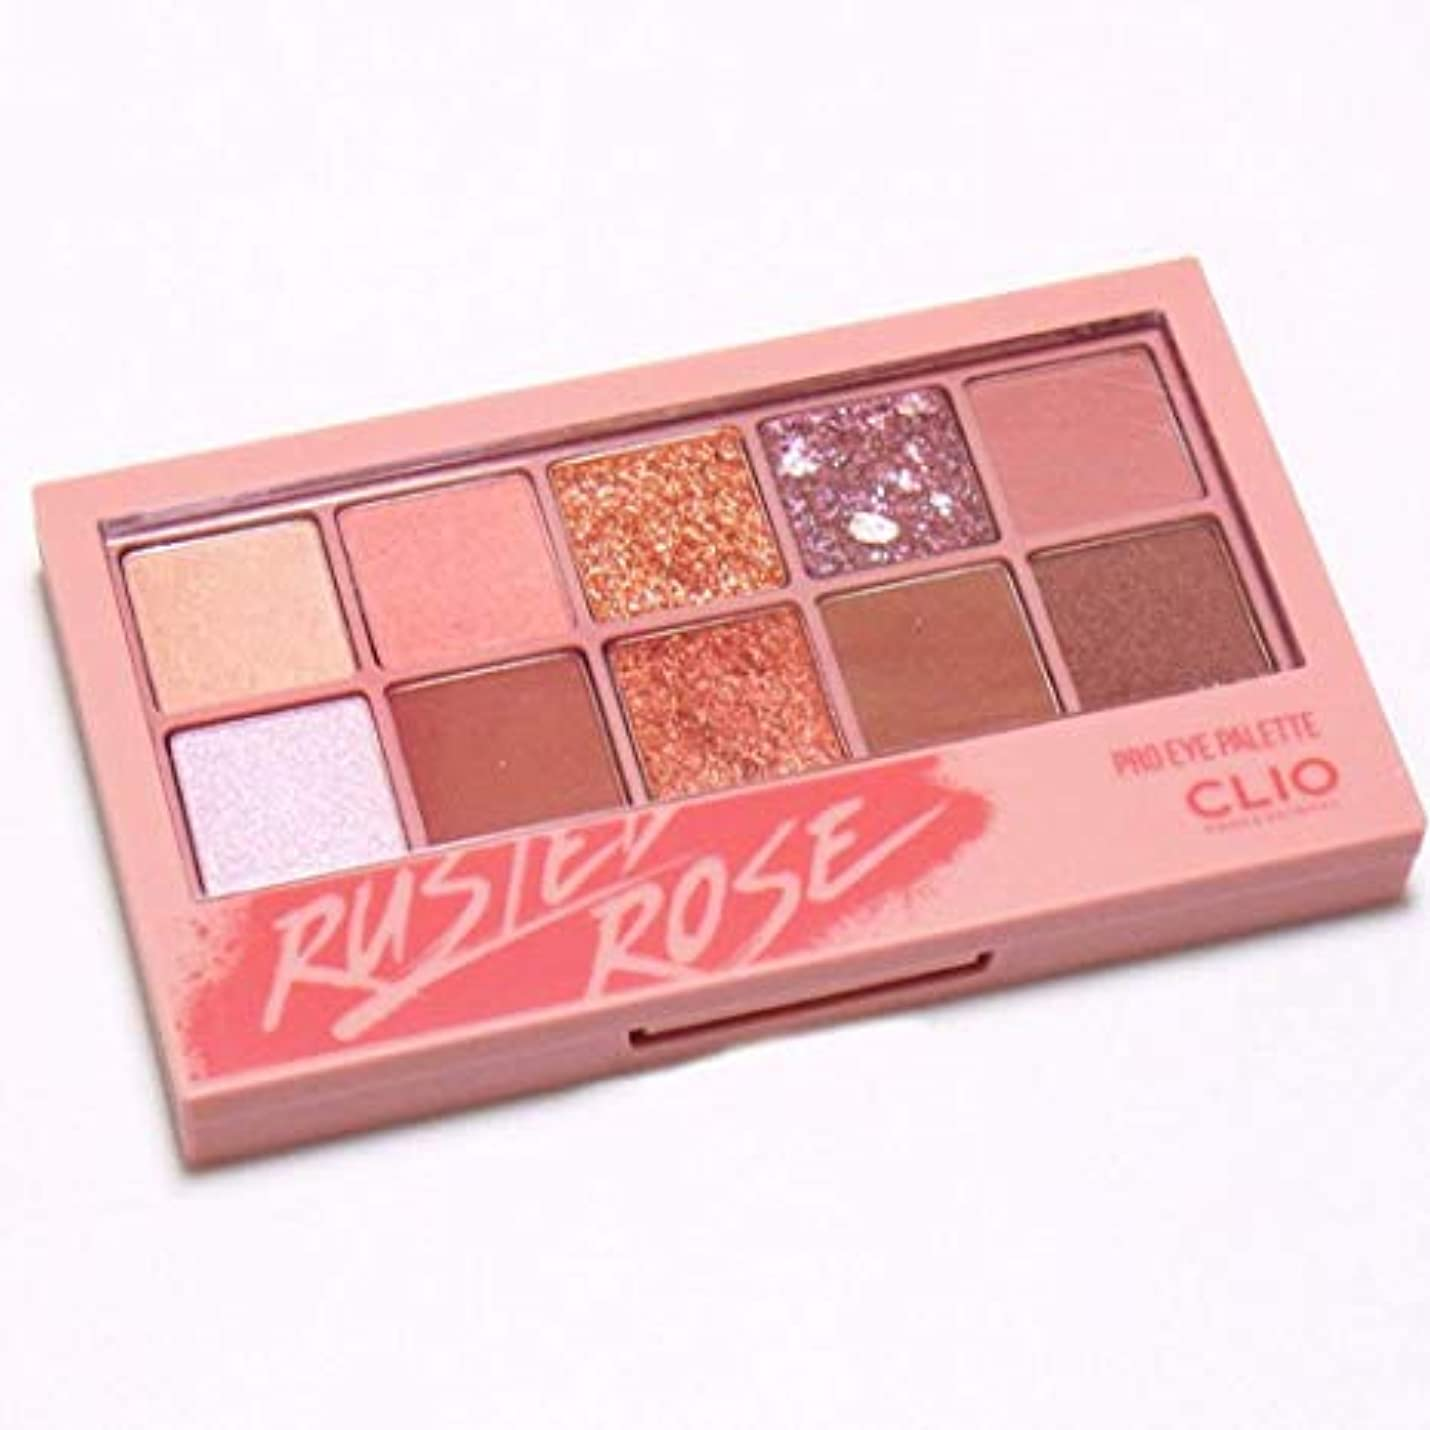 寄生虫従事した資料クリオ[CLIO] Pro Layering Eye Palette N05 さびたバラ (0.6gx10色) / Pro Layering Eye Palette N05 Rusted Rose